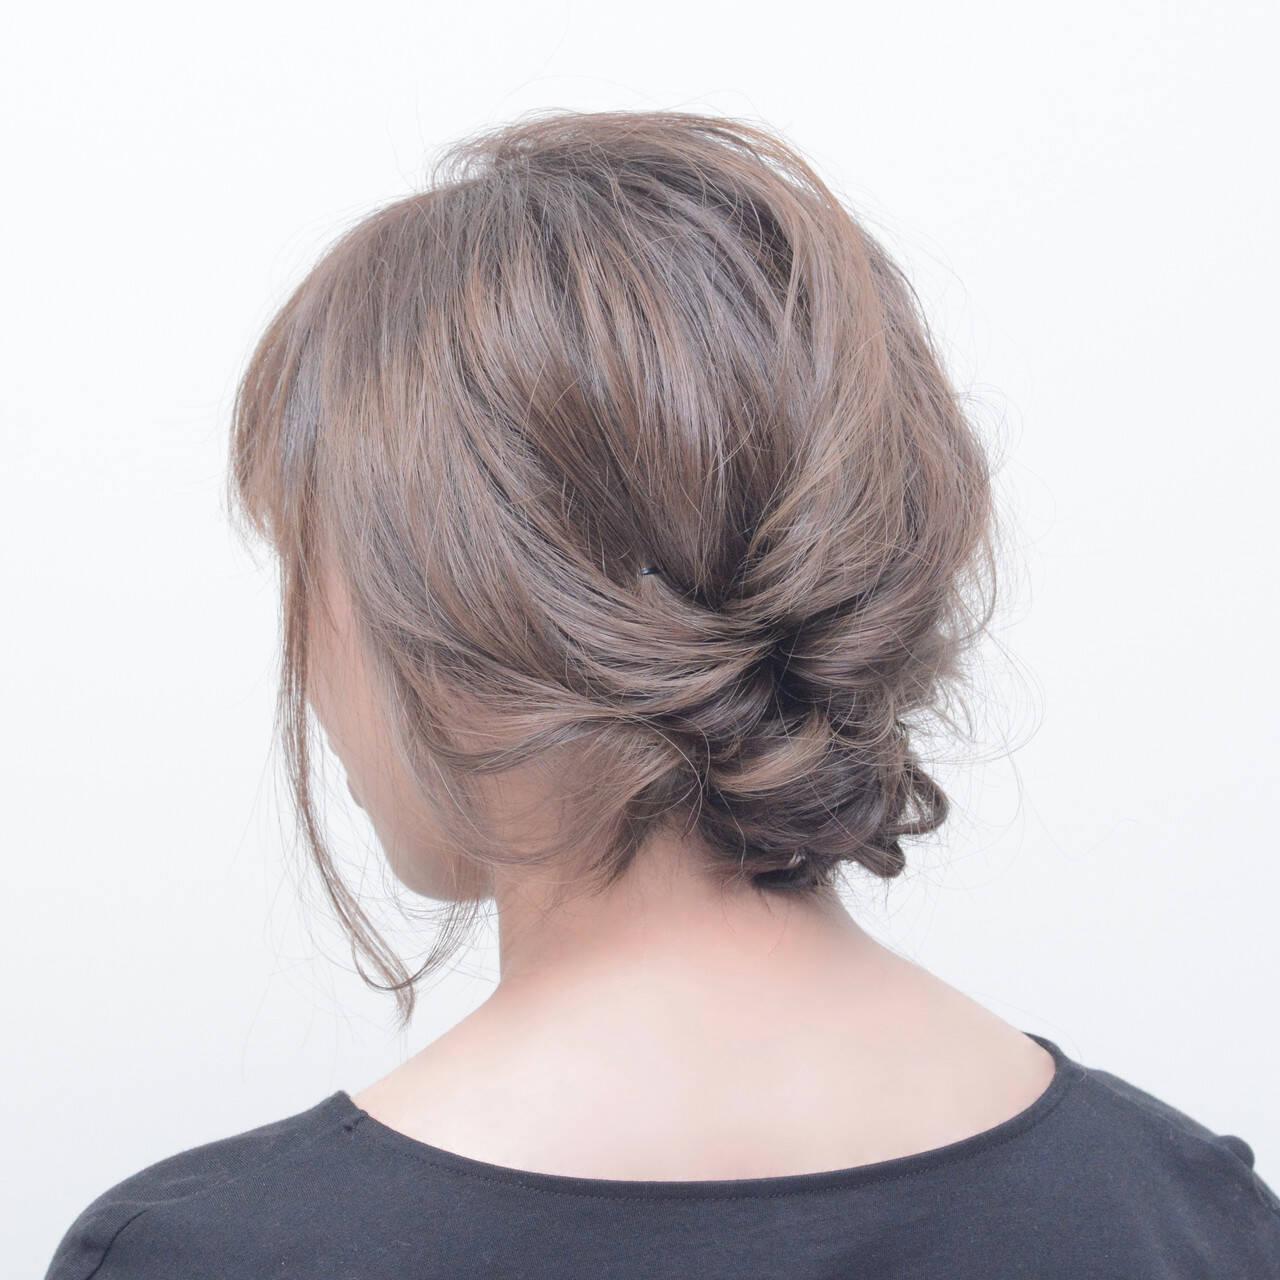 ナチュラル ボブアレンジ 大人かわいい ナチュラル可愛いヘアスタイルや髪型の写真・画像